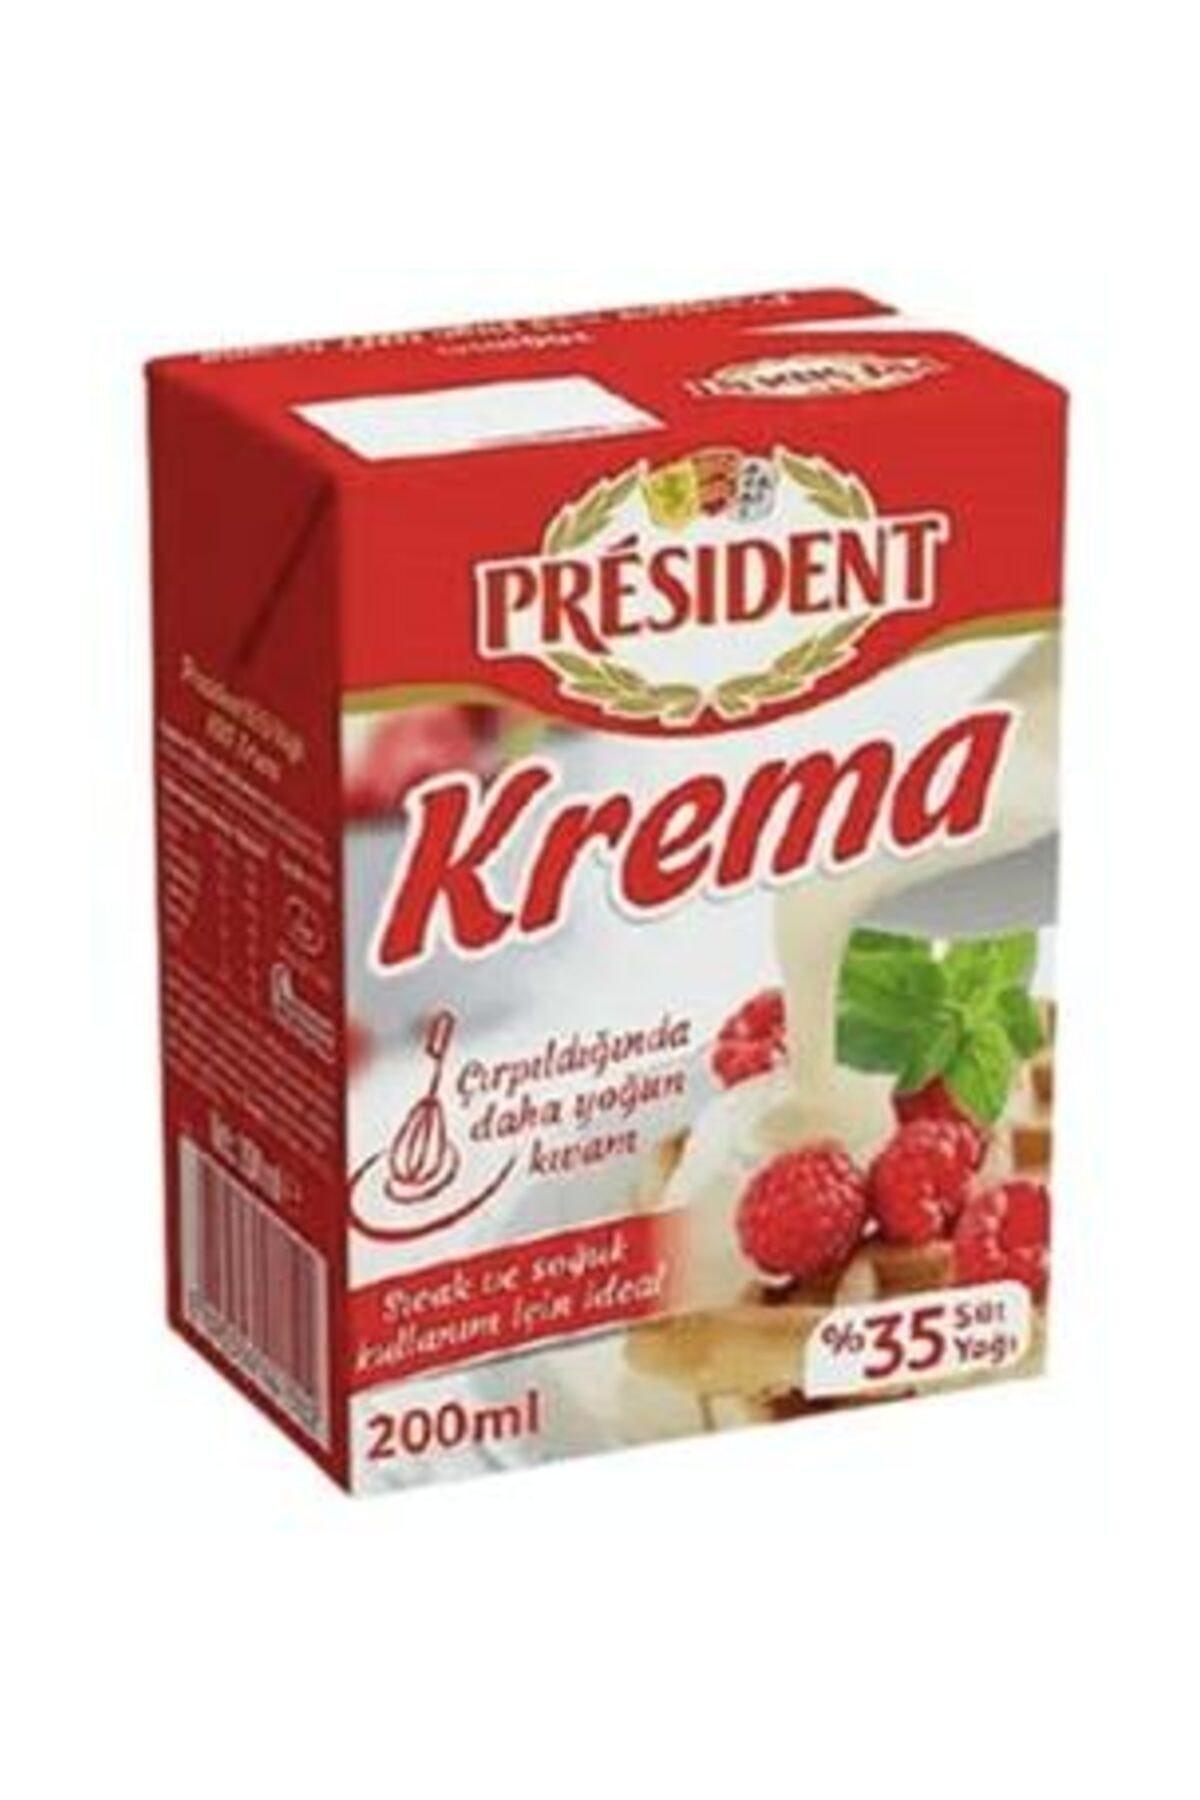 PRESIDENT KREMA 200 GR